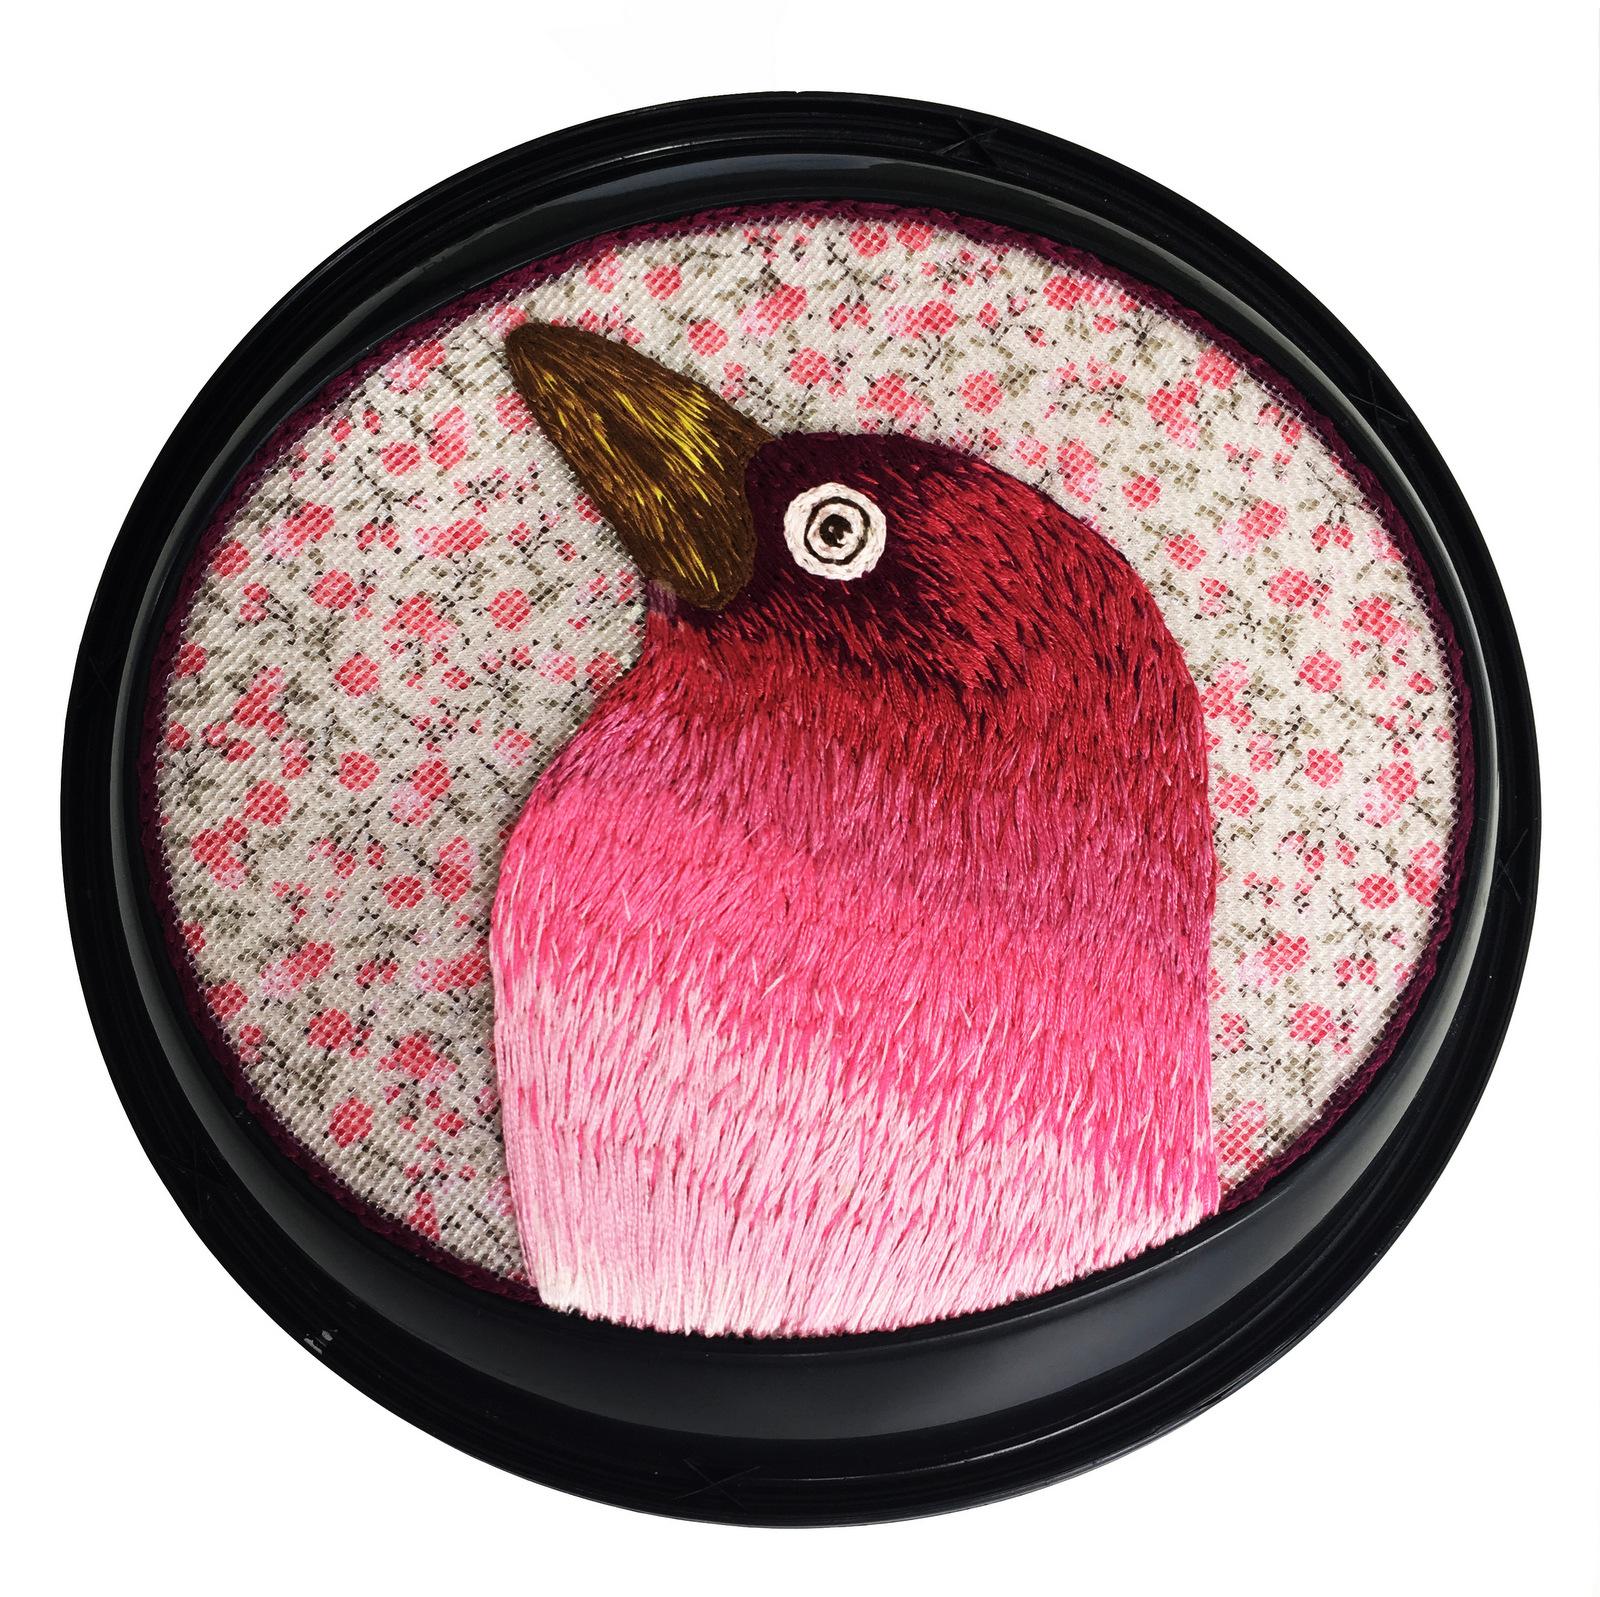 Cabeça de pássaro rosa Damares, 2019